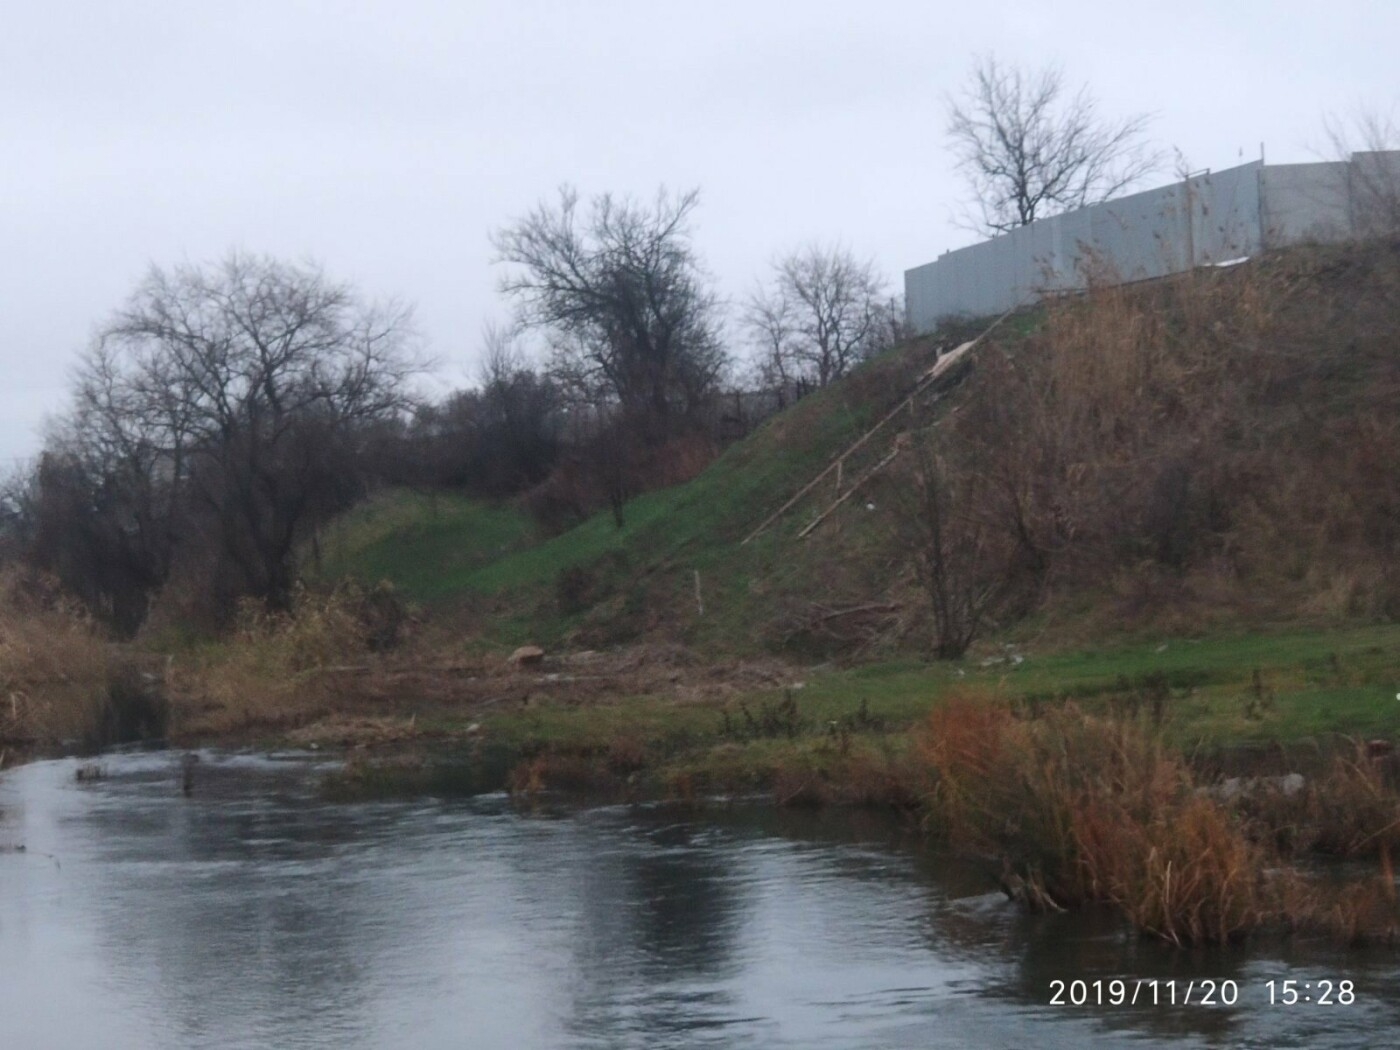 Во время отбора проб воды криворожские экологи обнаружили сброс бытовых стоков в реку Саксагань, - ФОТО, фото-1